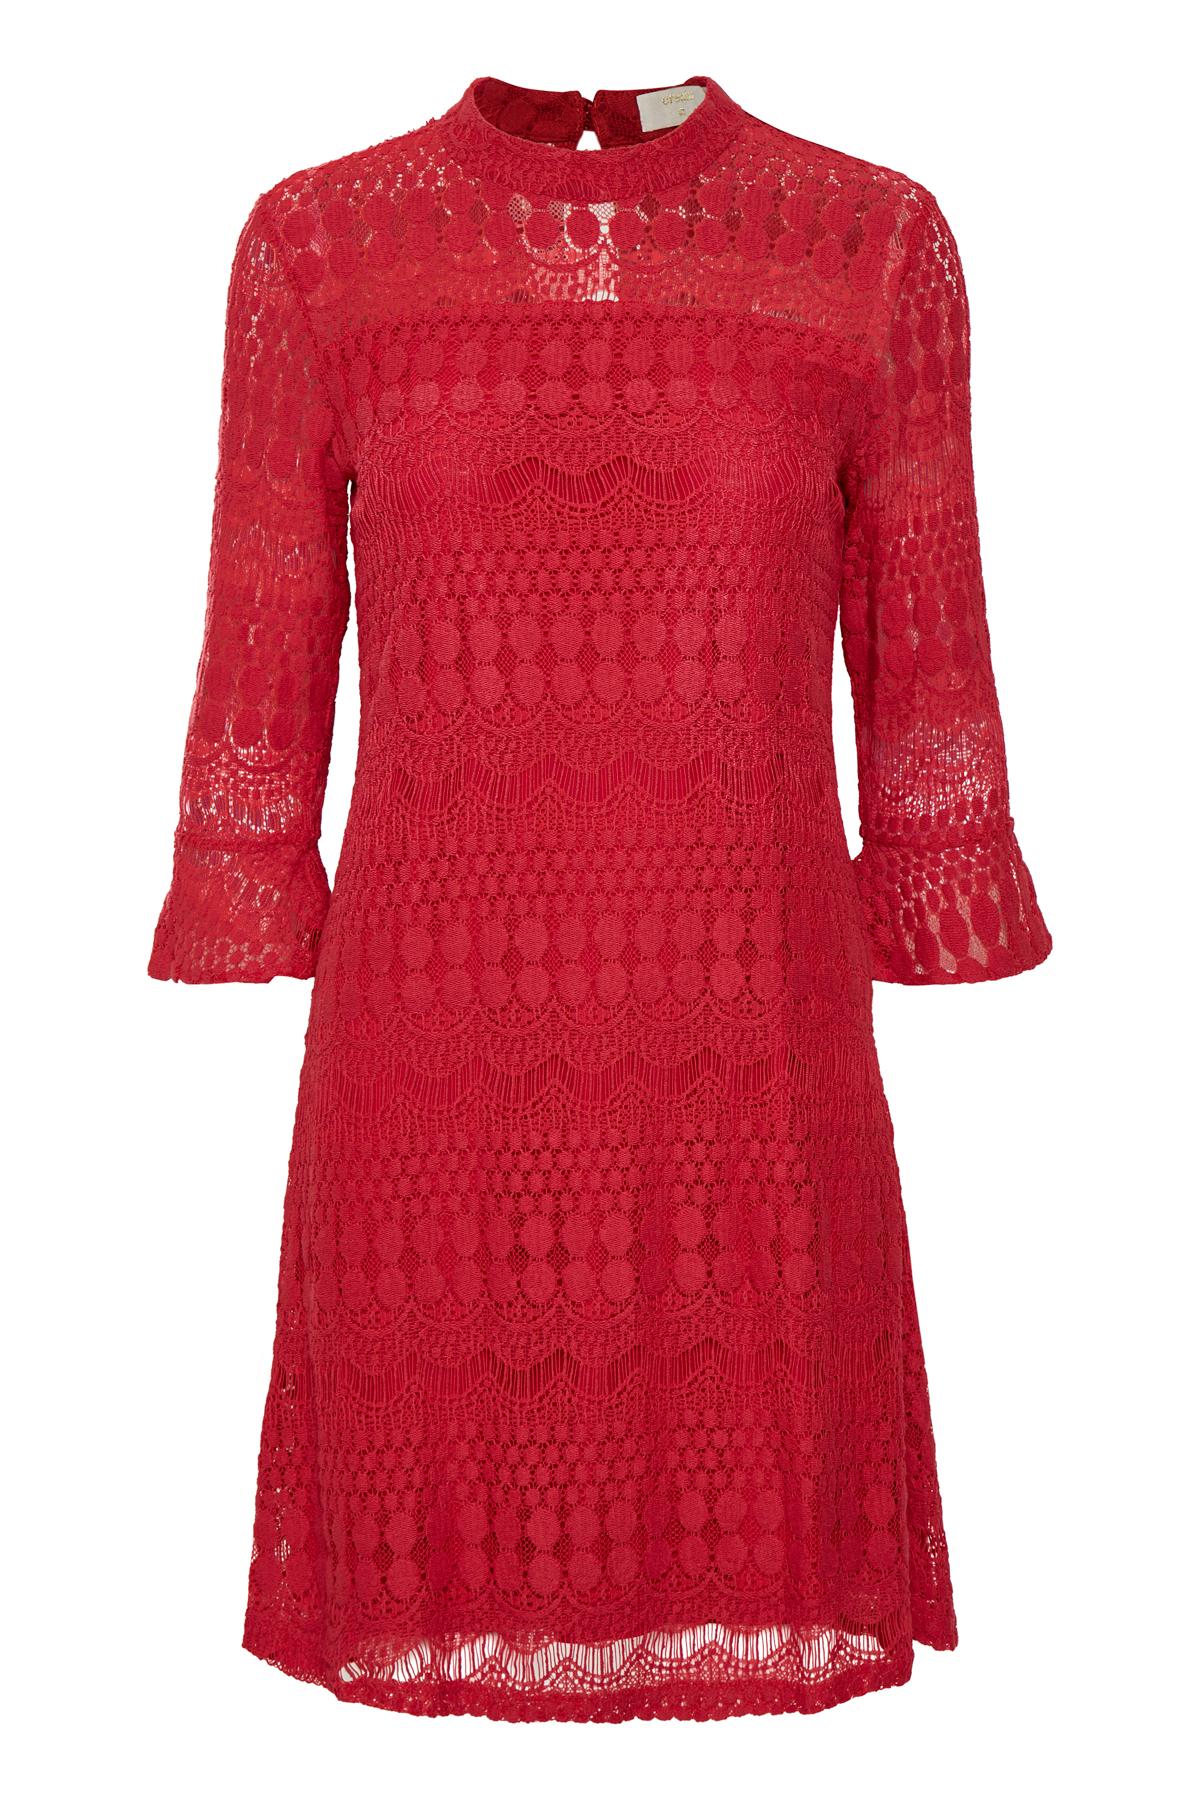 2afb4ef0dc84 Her er Cream Dame Cool Melle kjole - Sort - Cream